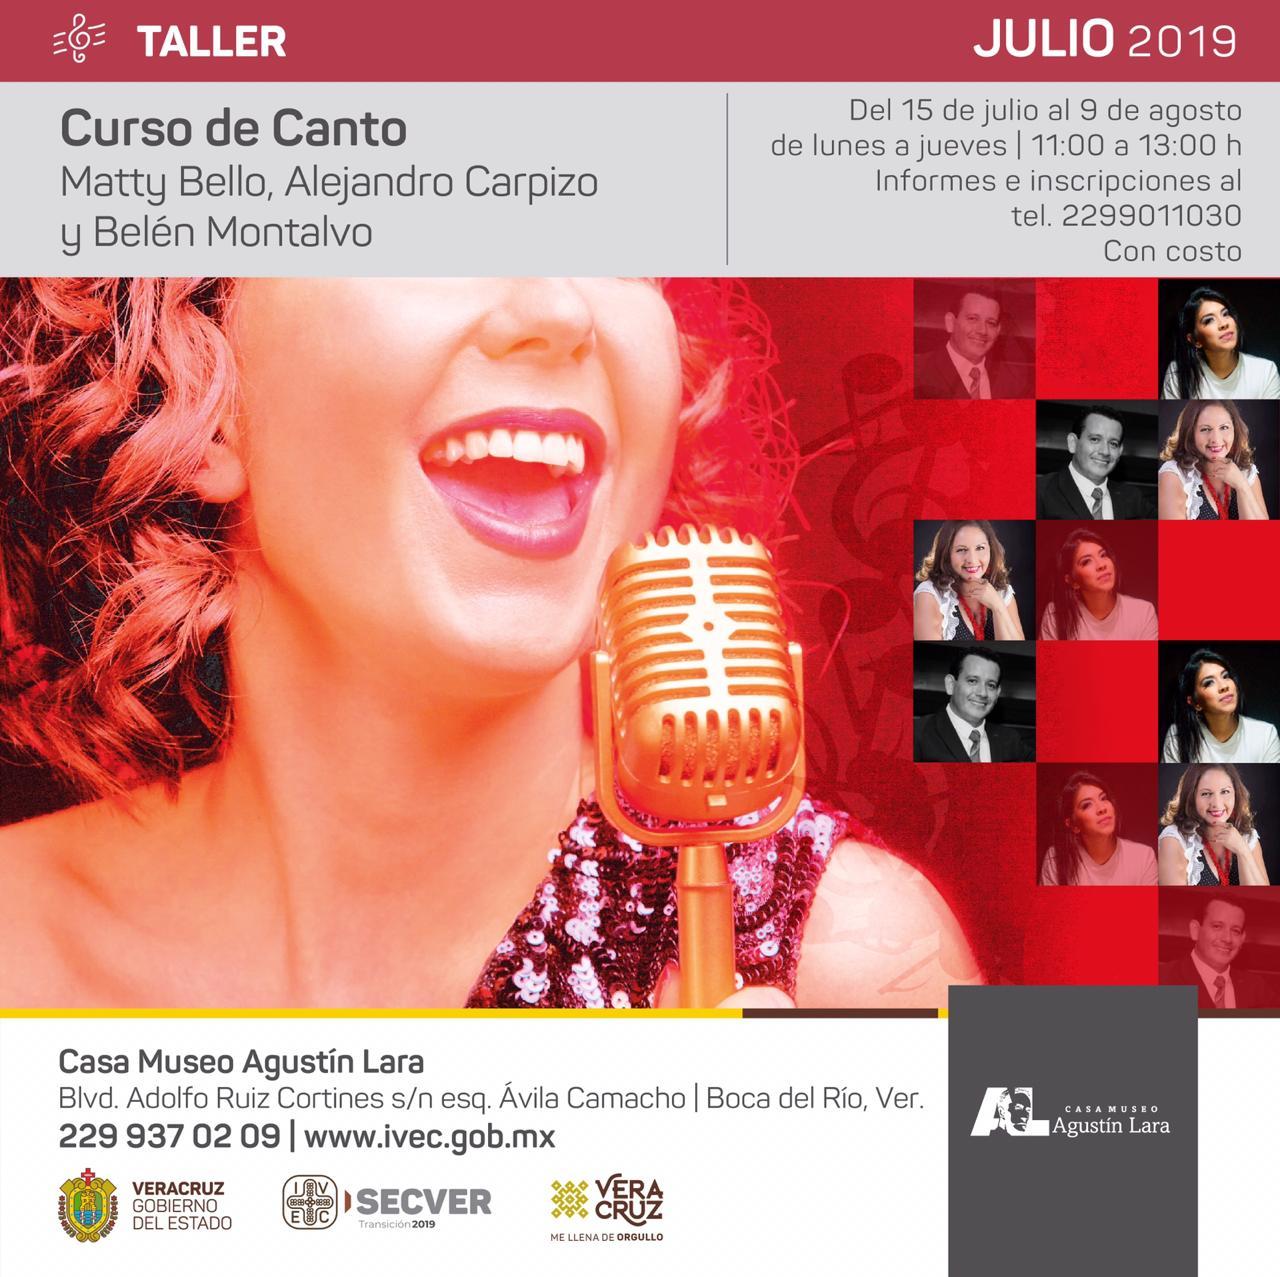 Invita IVEC a curso de canto en Casa Museo Agustín Lara